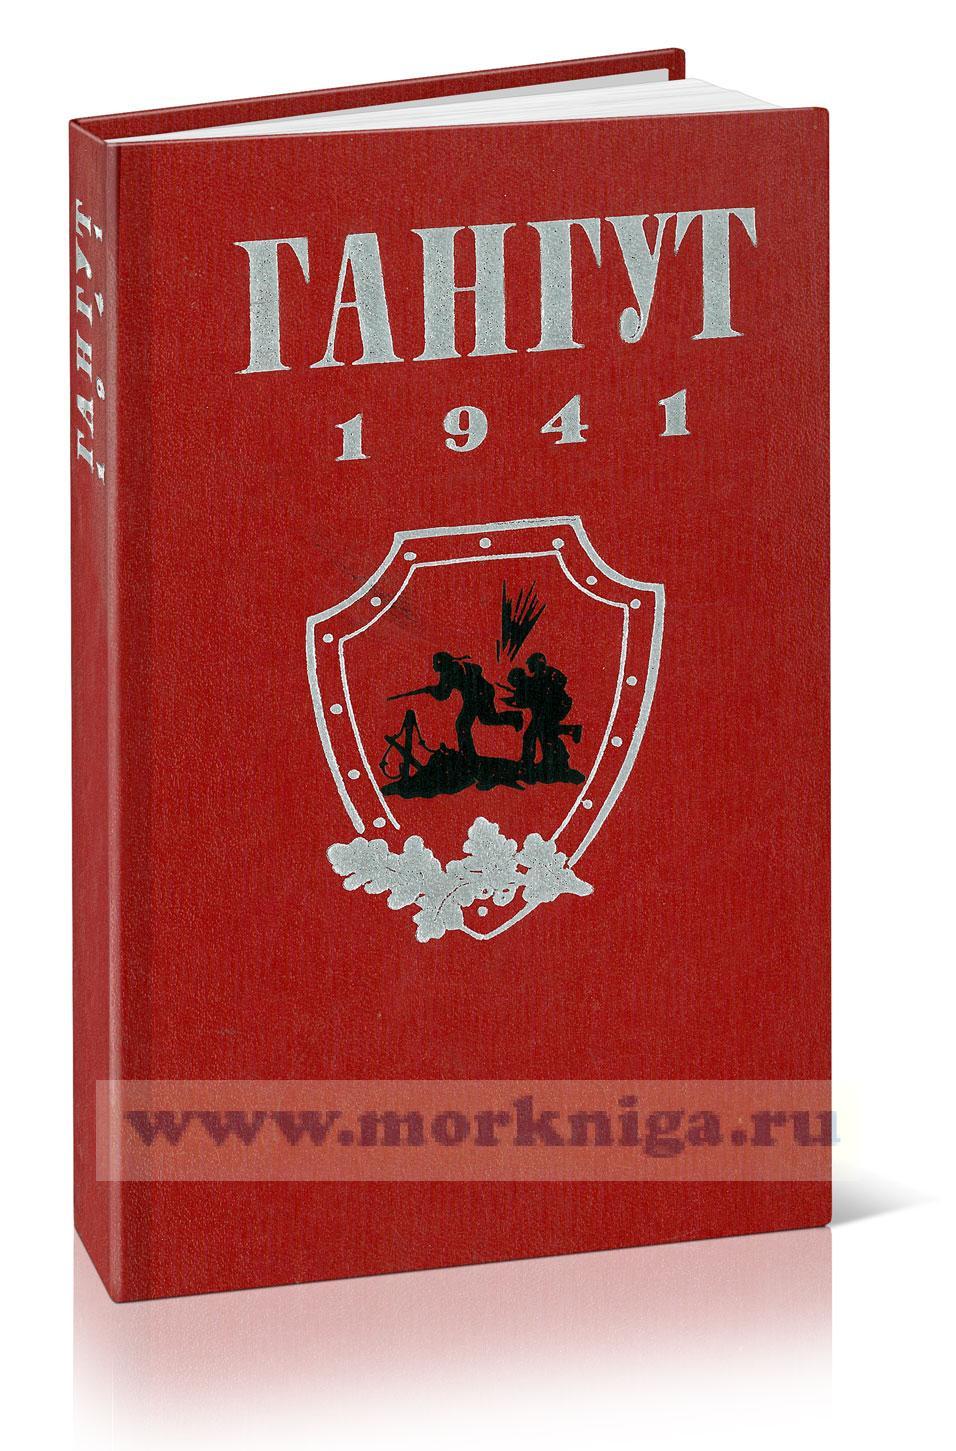 Гангут. 1941. Сборник